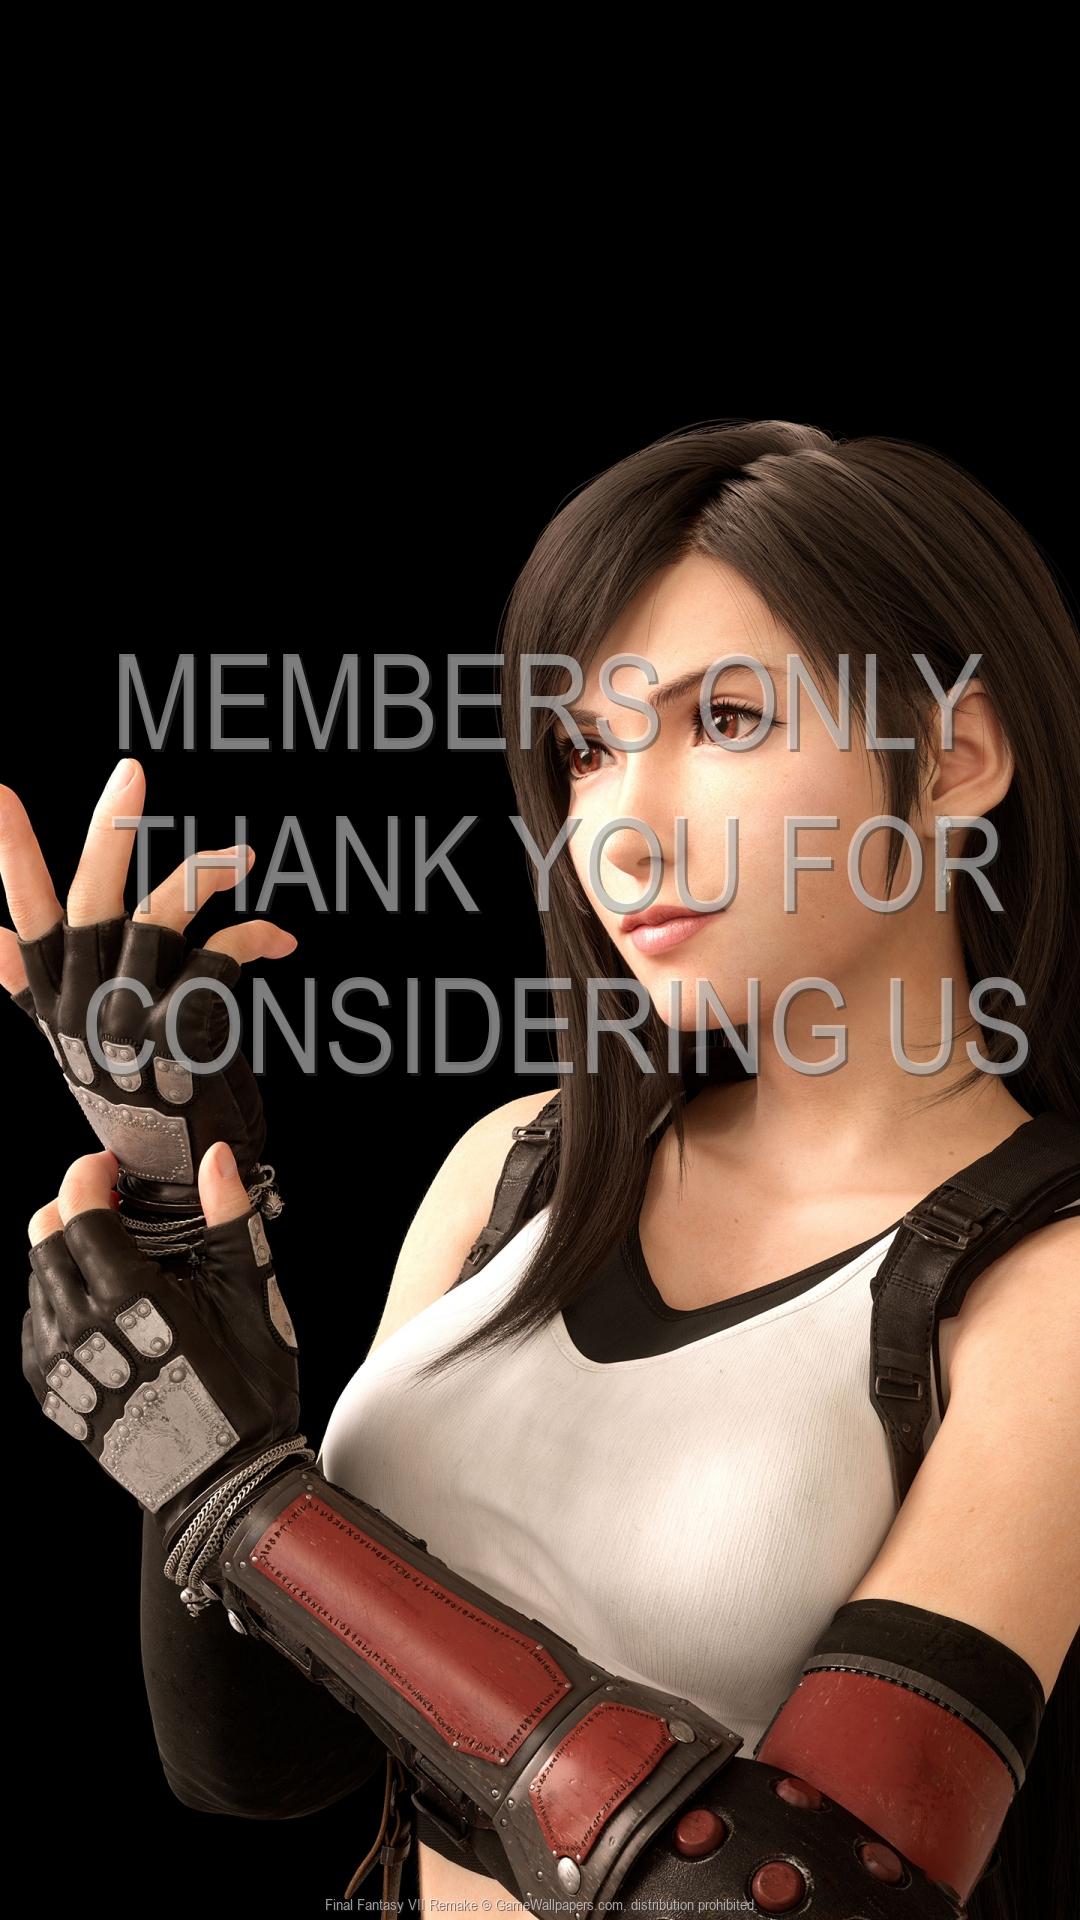 Final Fantasy VII Remake 1920x1080 Handy Hintergrundbild 01